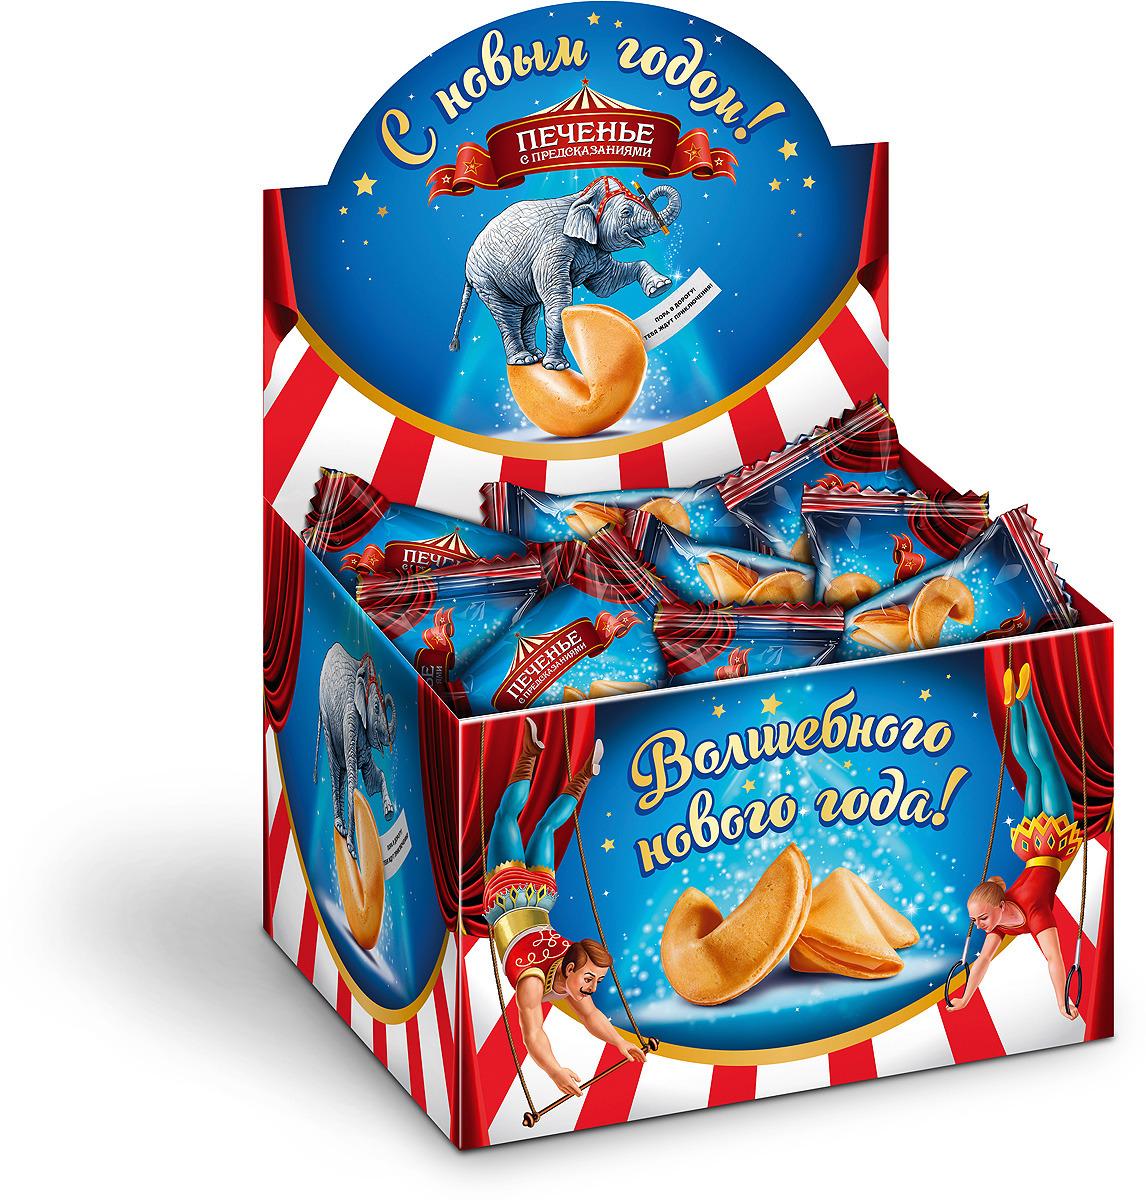 Оригинальный продукт - печенье с новогодним предсказанием внутри